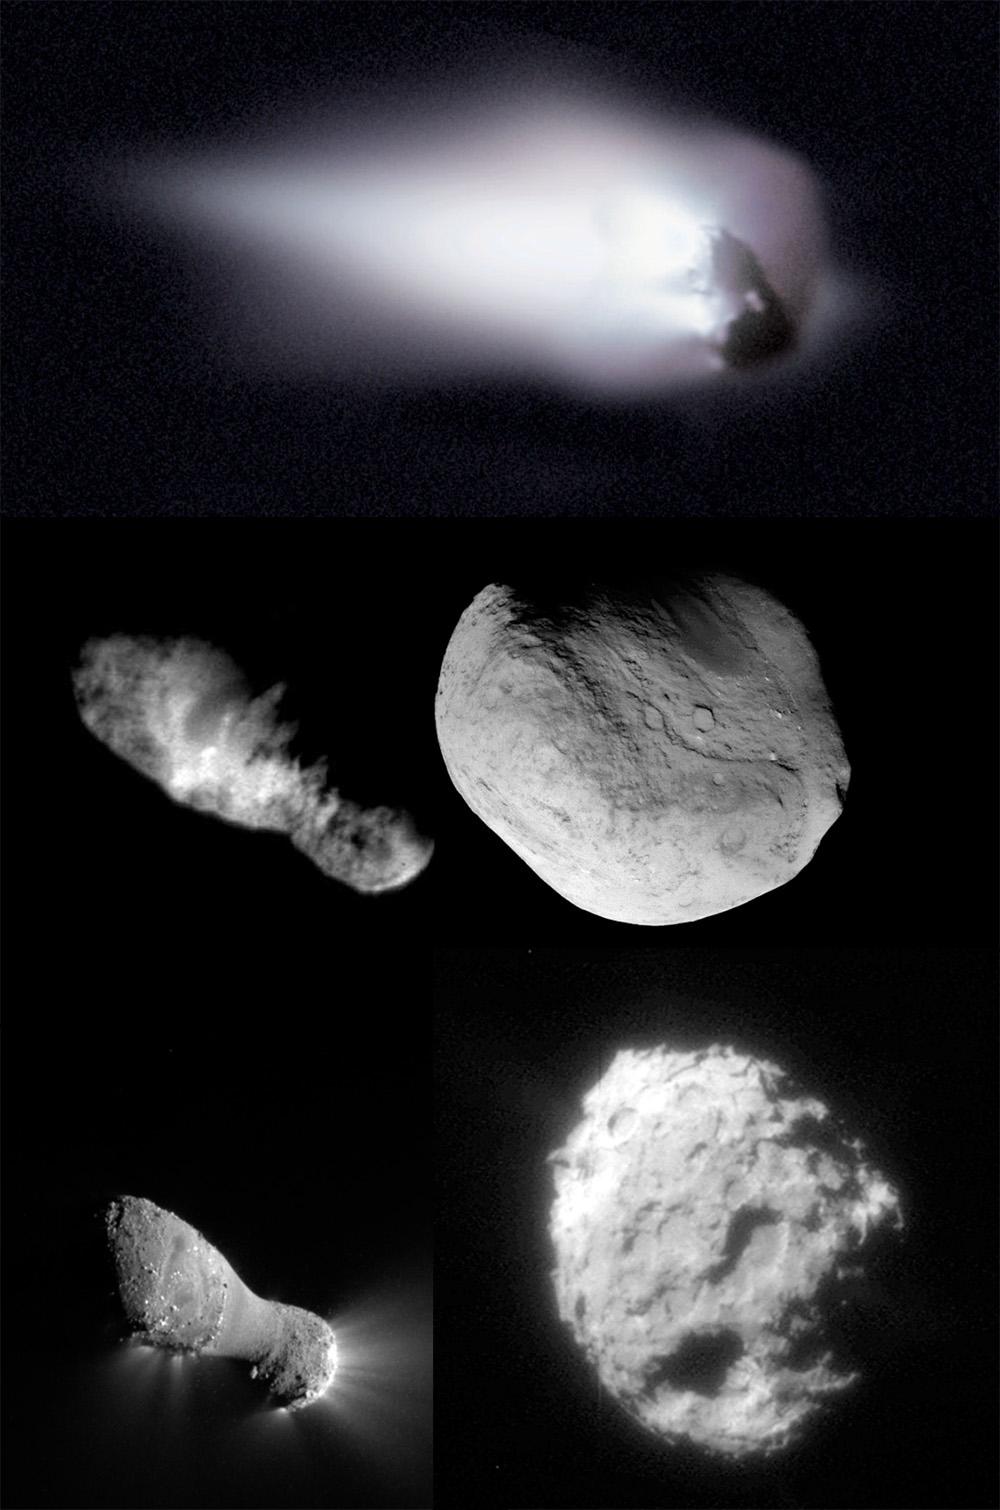 p11351_77fc3268df32a462cb71ae1d9584c96bmontage-noyaux-cometes-1000